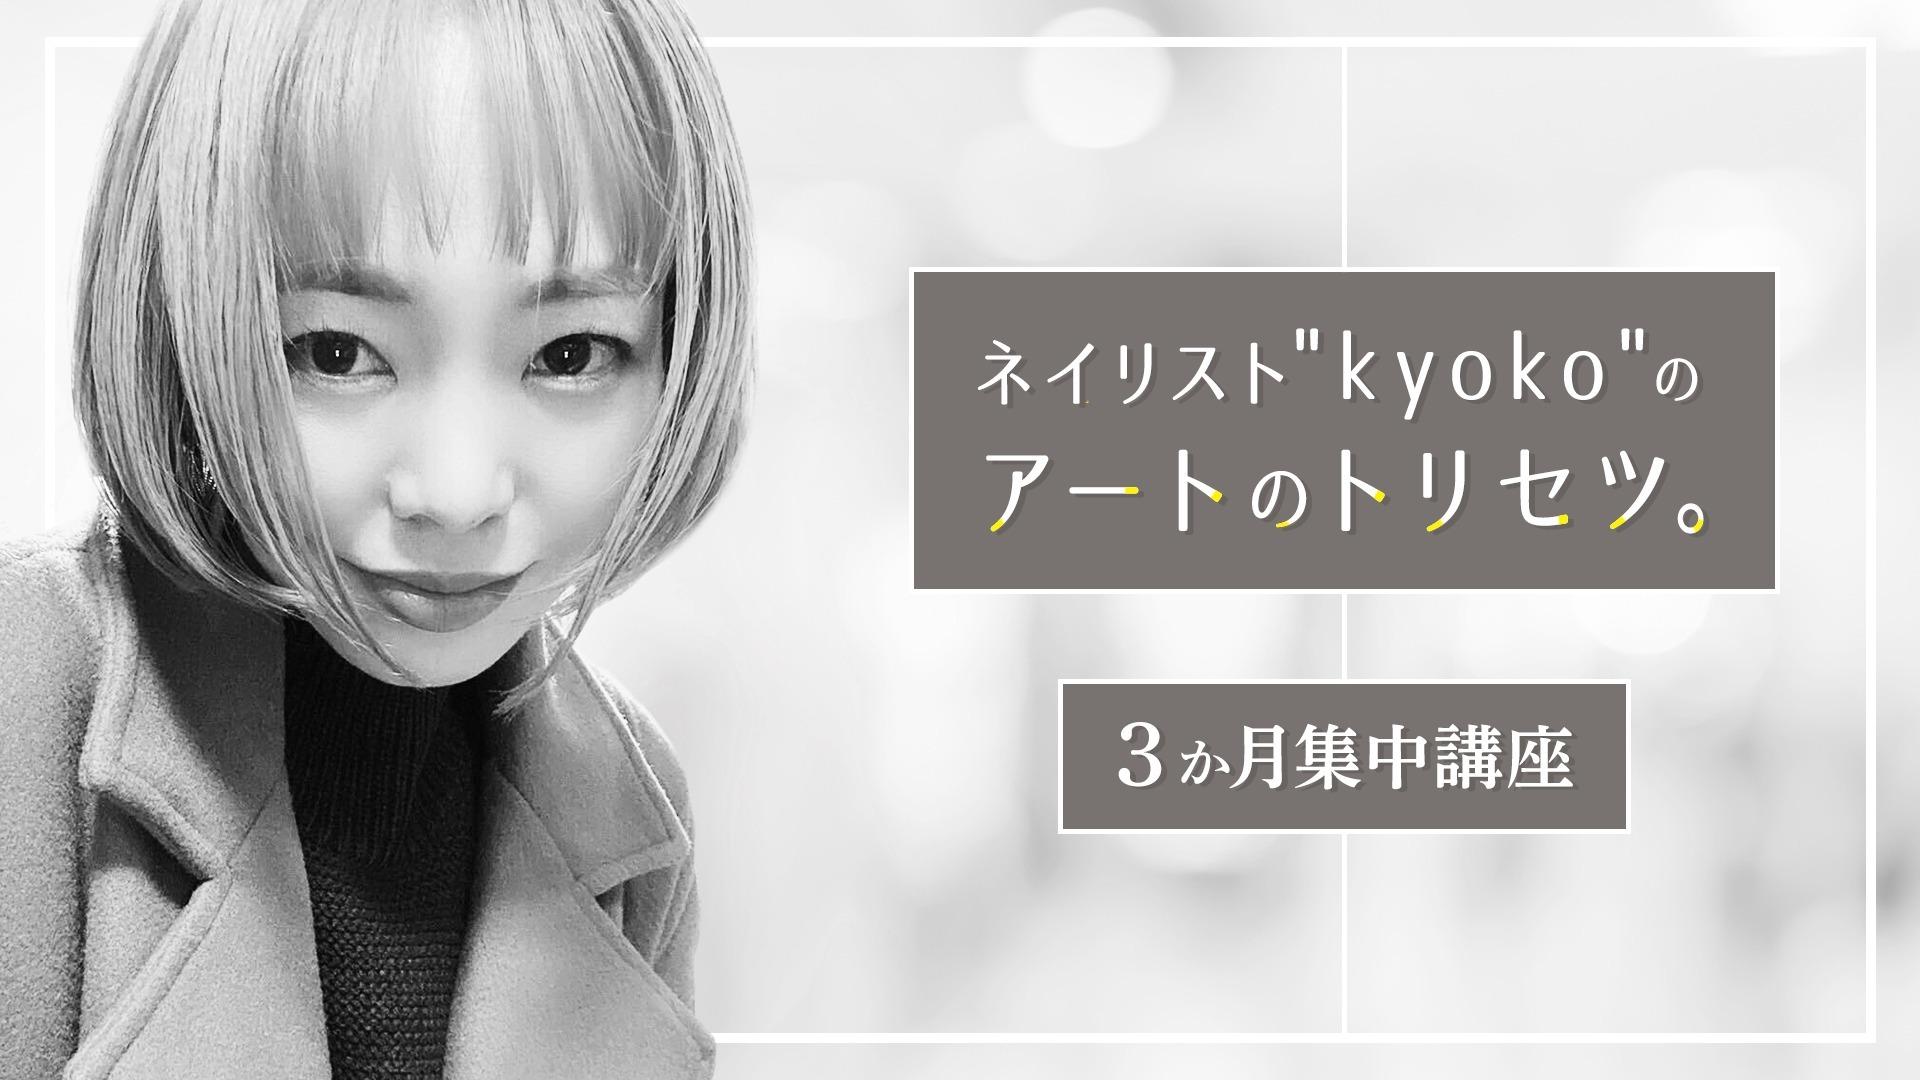 【第2期】ネイリストkyokoのアートのトリセツ。3か月集中講座。